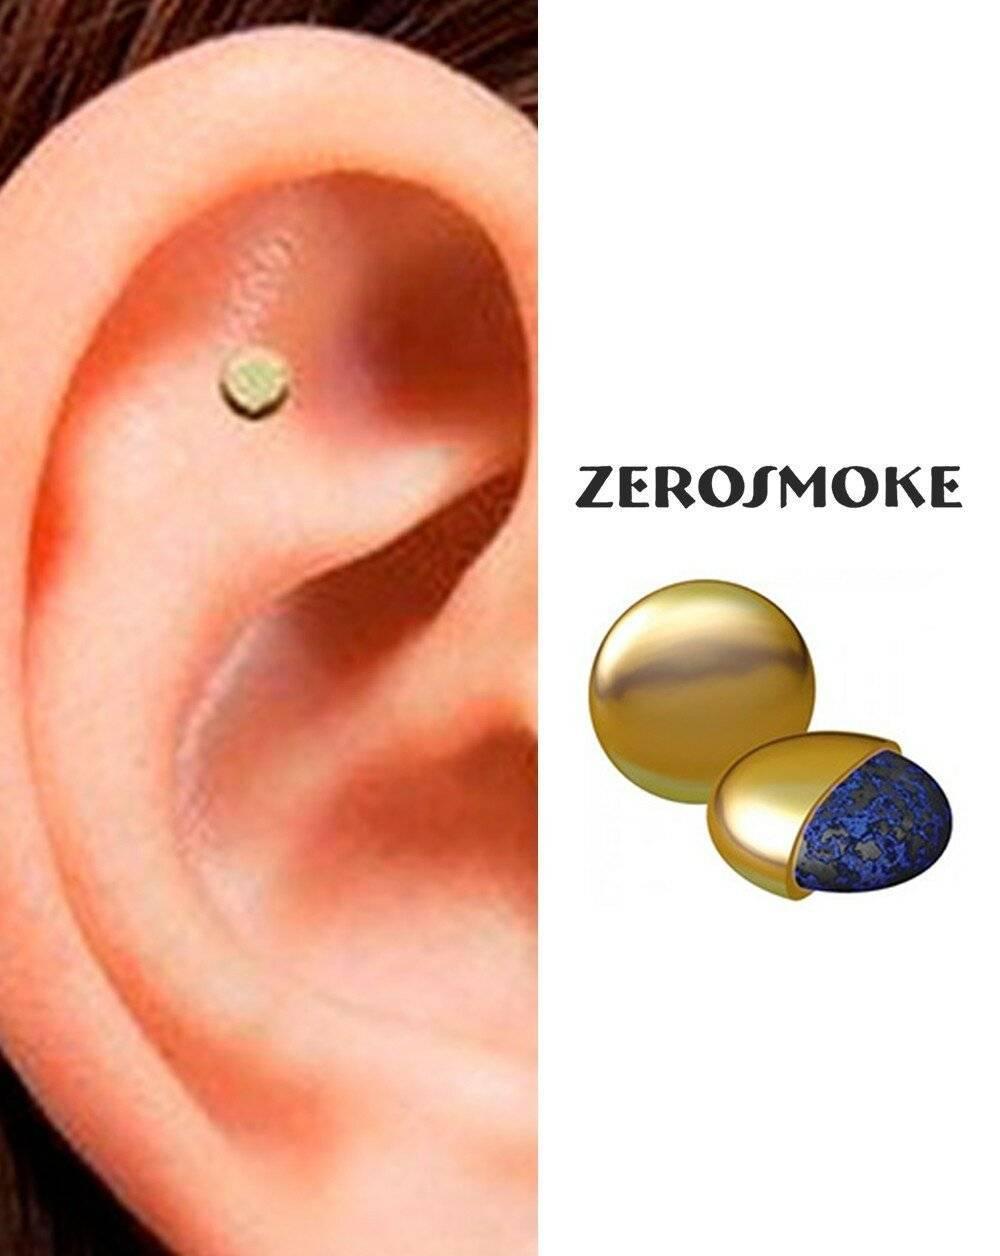 Магниты от курения на ухо zerosmoke — реальный способ бросить курить?